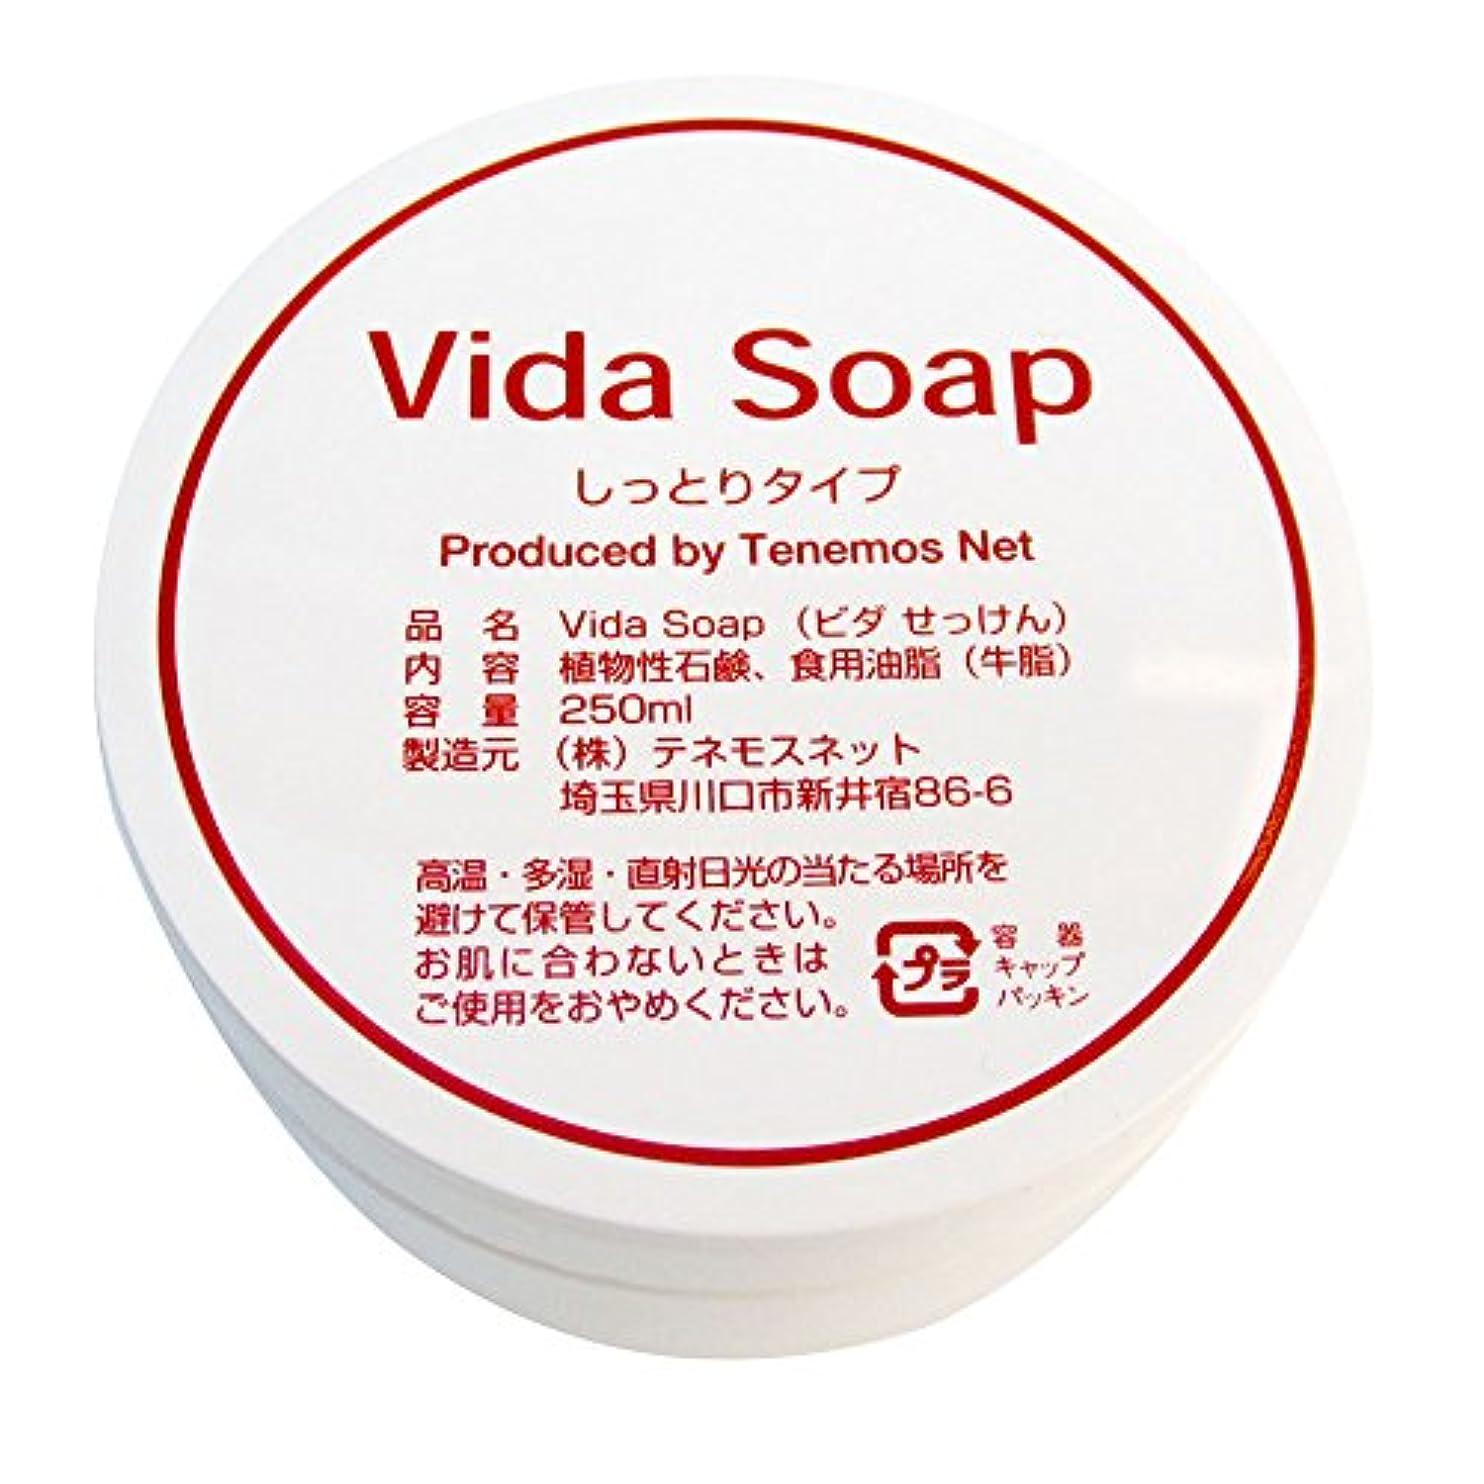 患者狂信者社員テネモス ビダせっけん Vida Soap しっとりノーマル 動物性 250ml